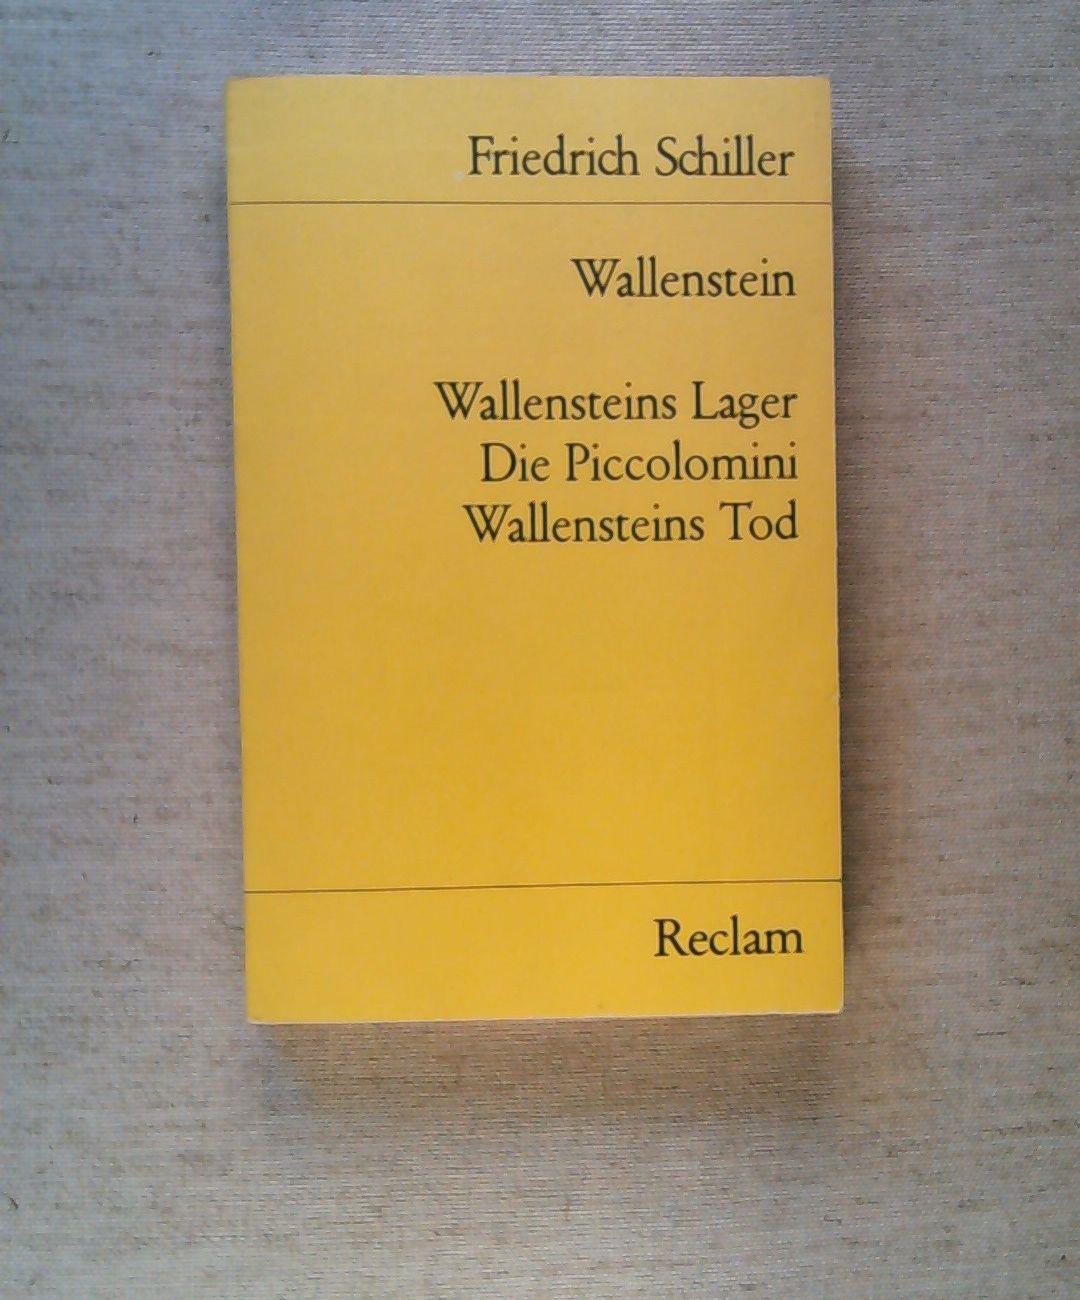 Wallensteins Lager. Die Piccolomini. Wallensteins Tod. [Wallenstein].: Schiller, Friedrich,